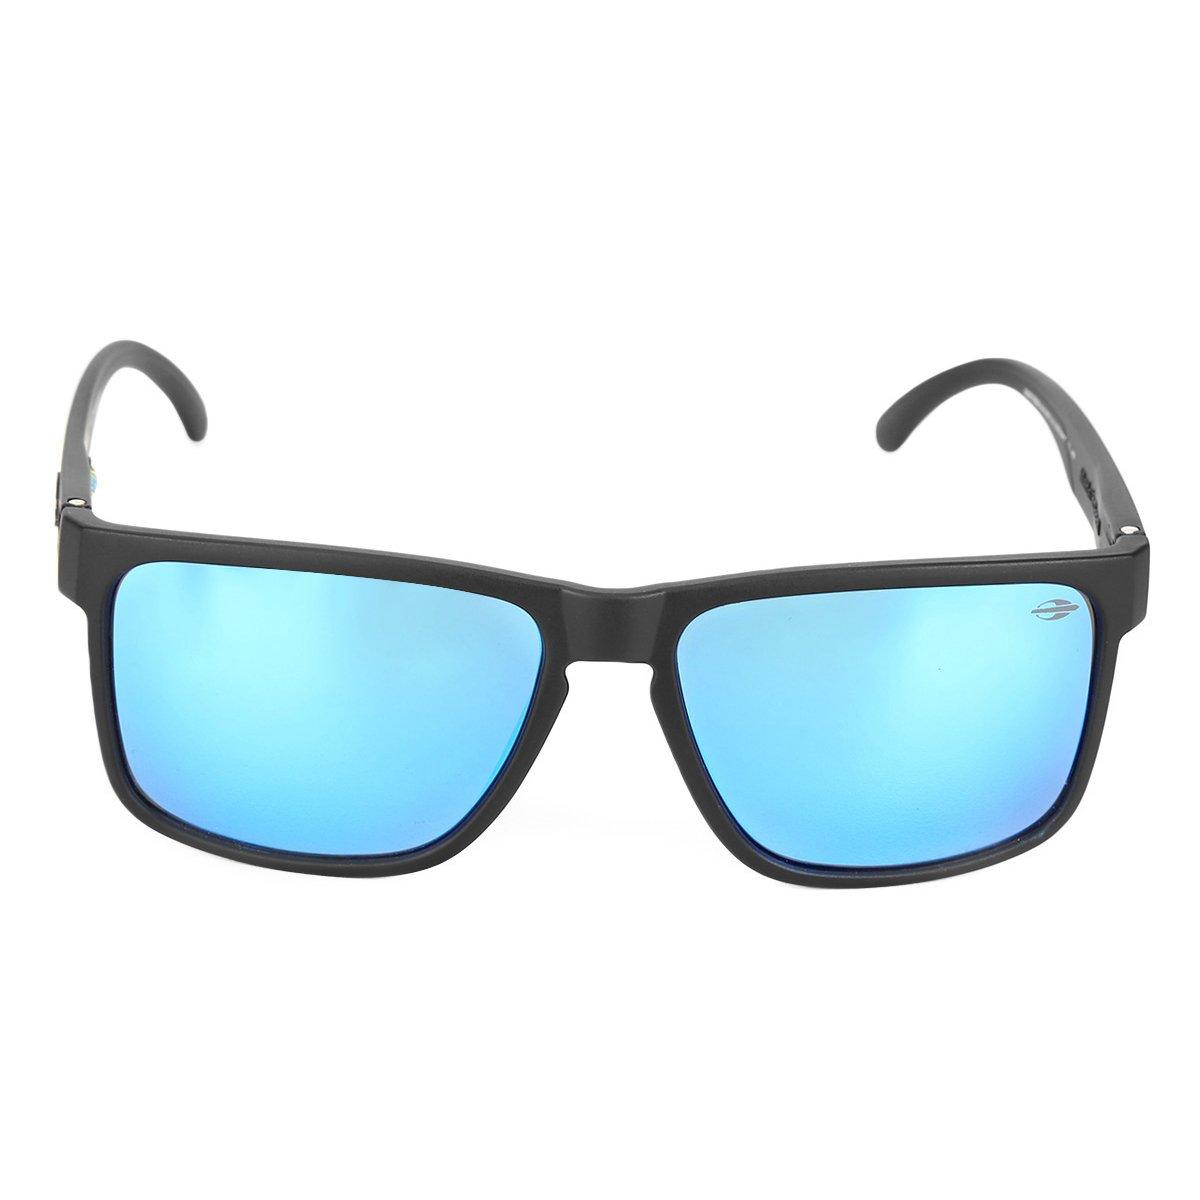 Óculos de Sol Mormaii Moterey Masculino - Preto - Compre Agora ... c683e964bb